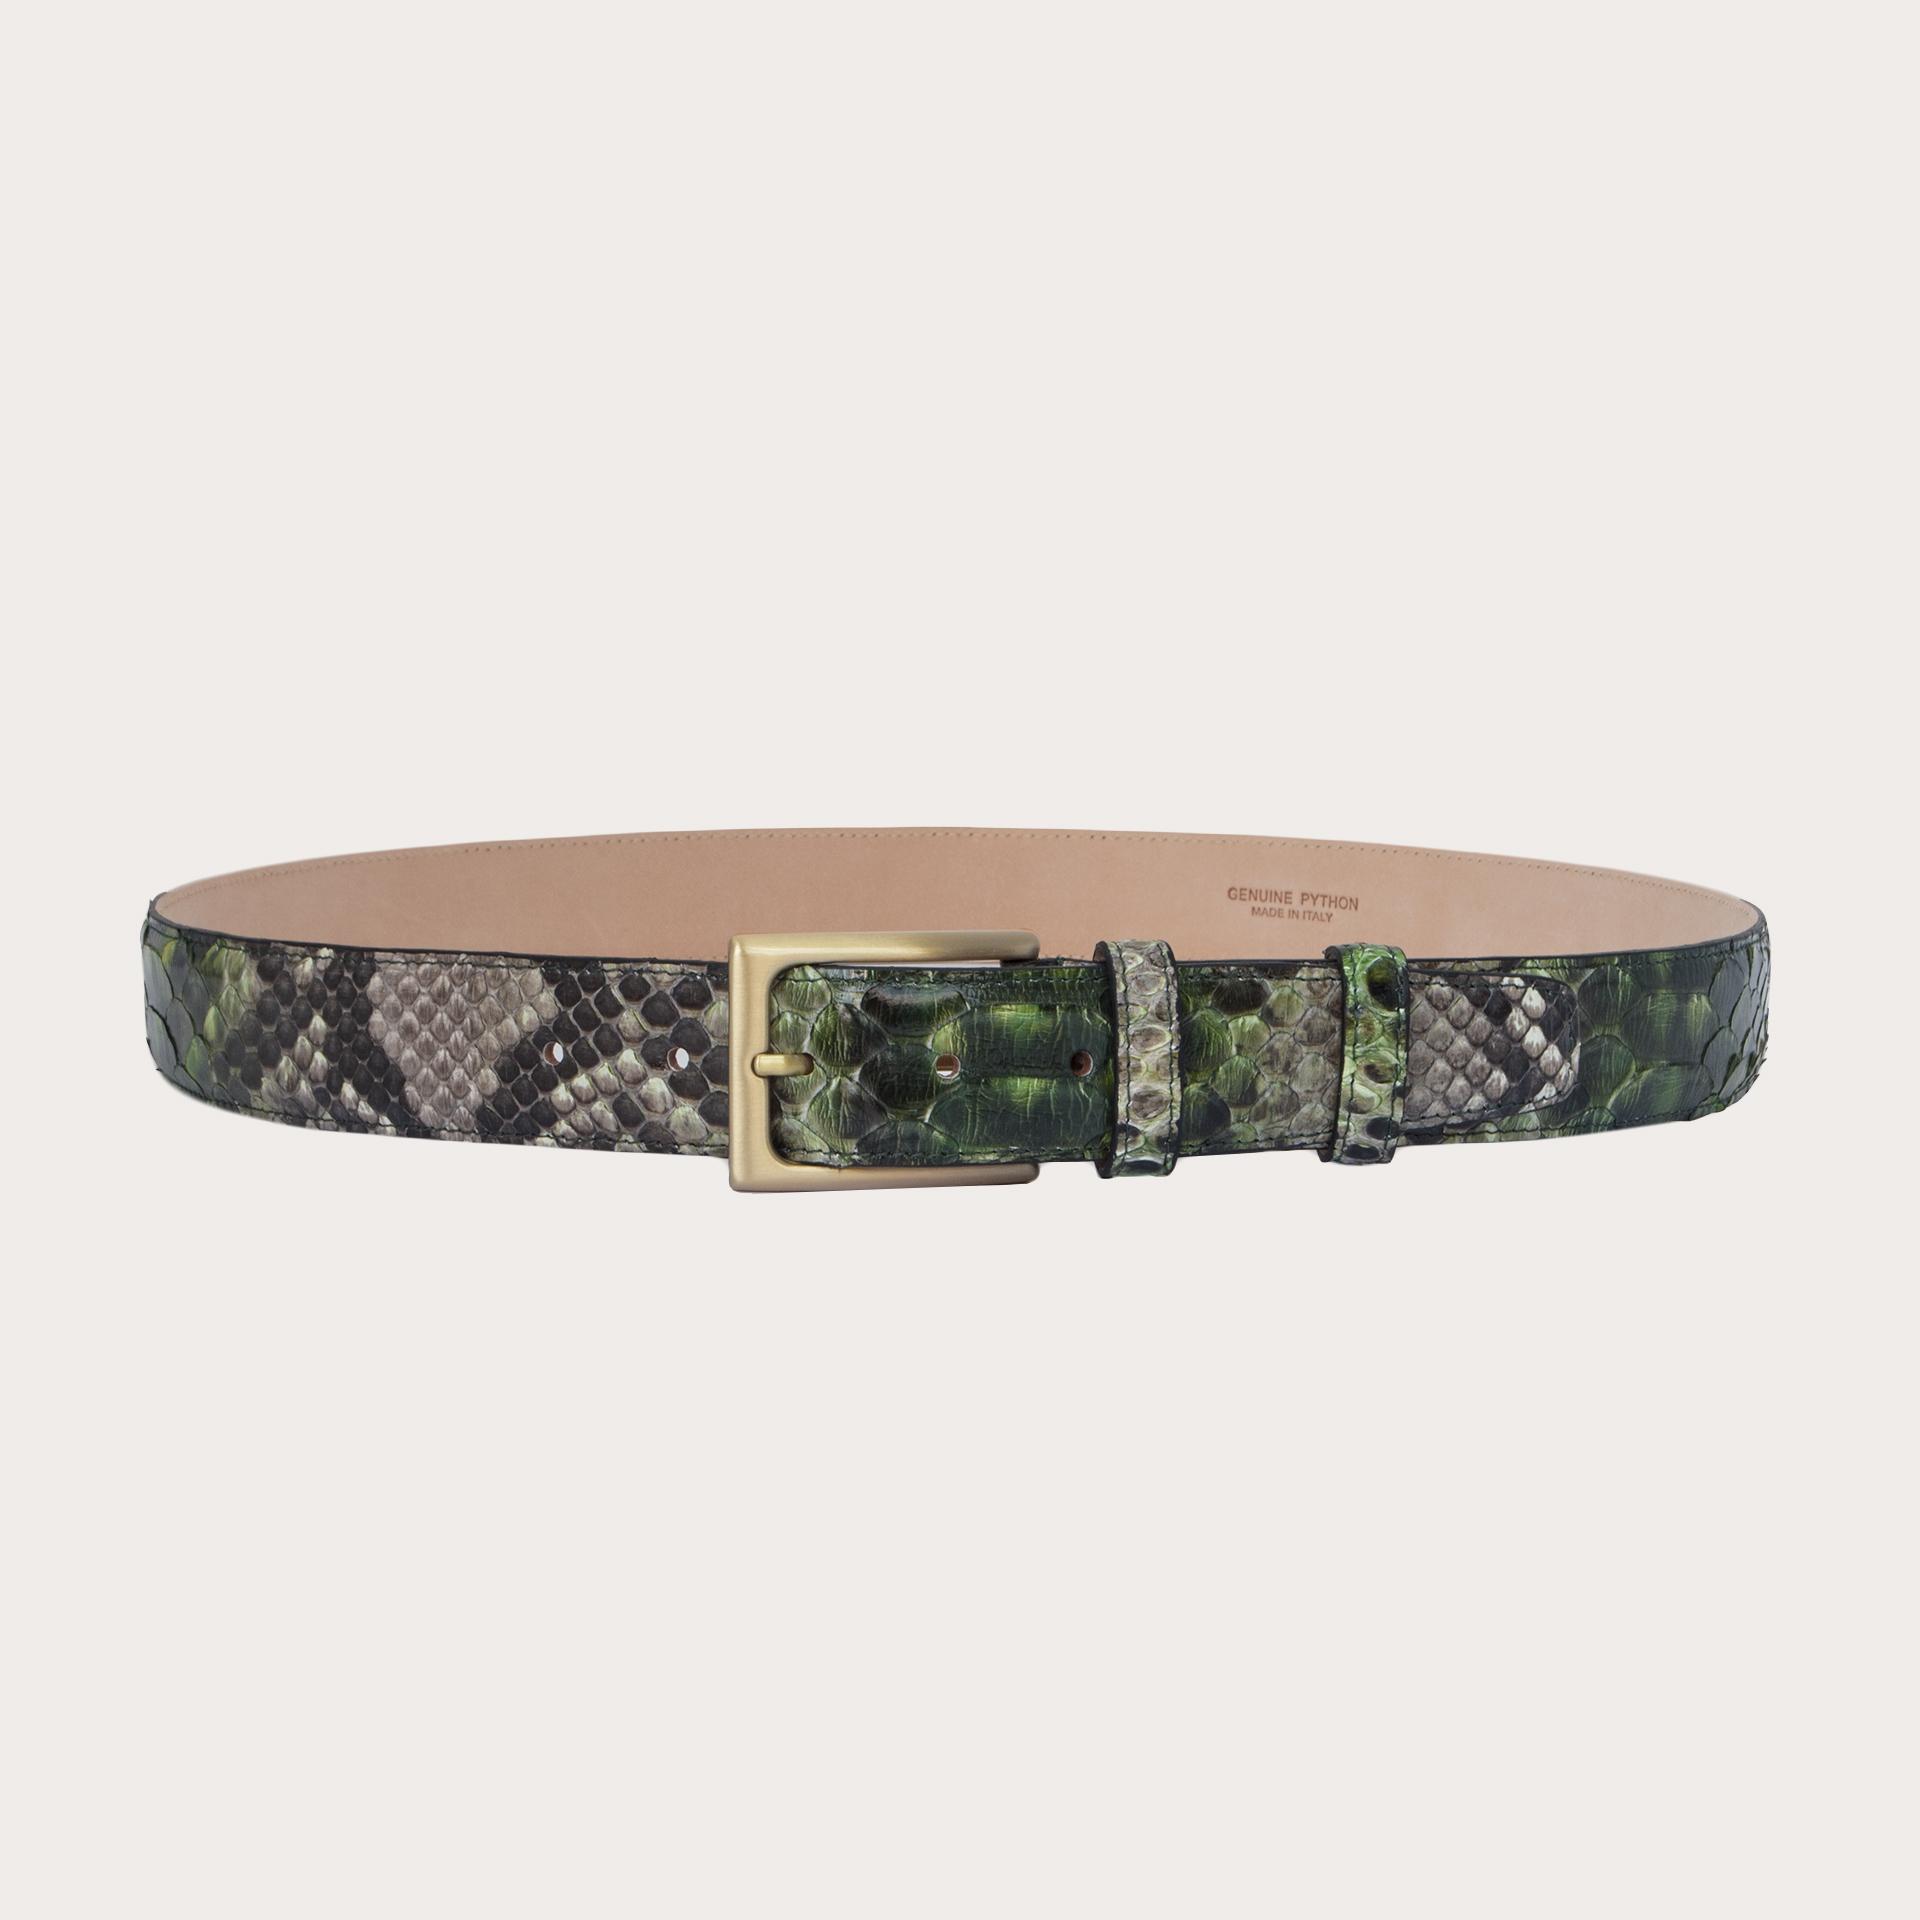 BRUCLE Cintura in pelle di pitone H35 tamponata a mano con fibbia satinata oro, toni di verde e fango